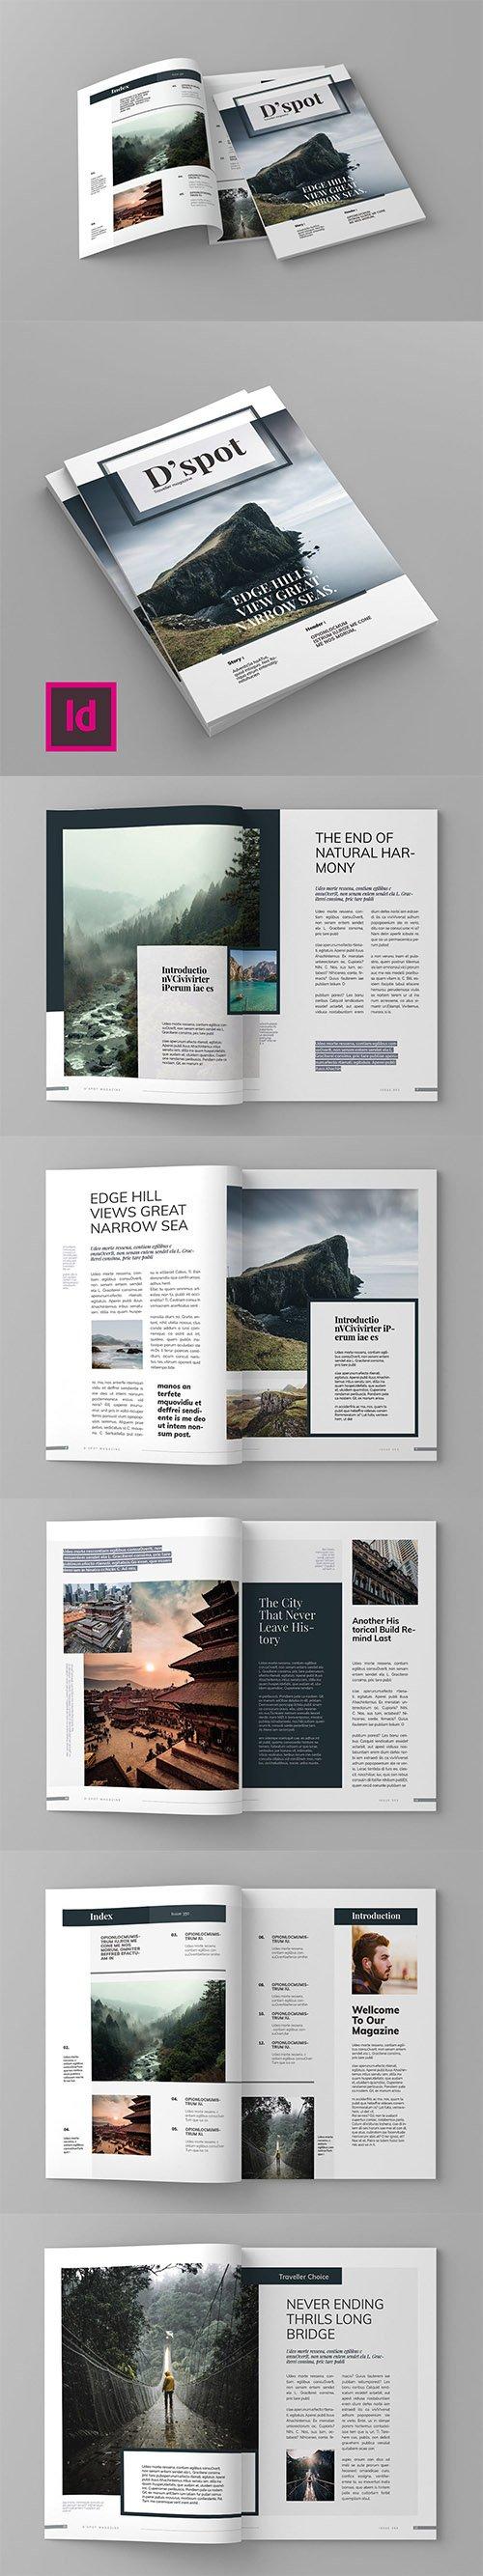 D'spot - Magazine Template